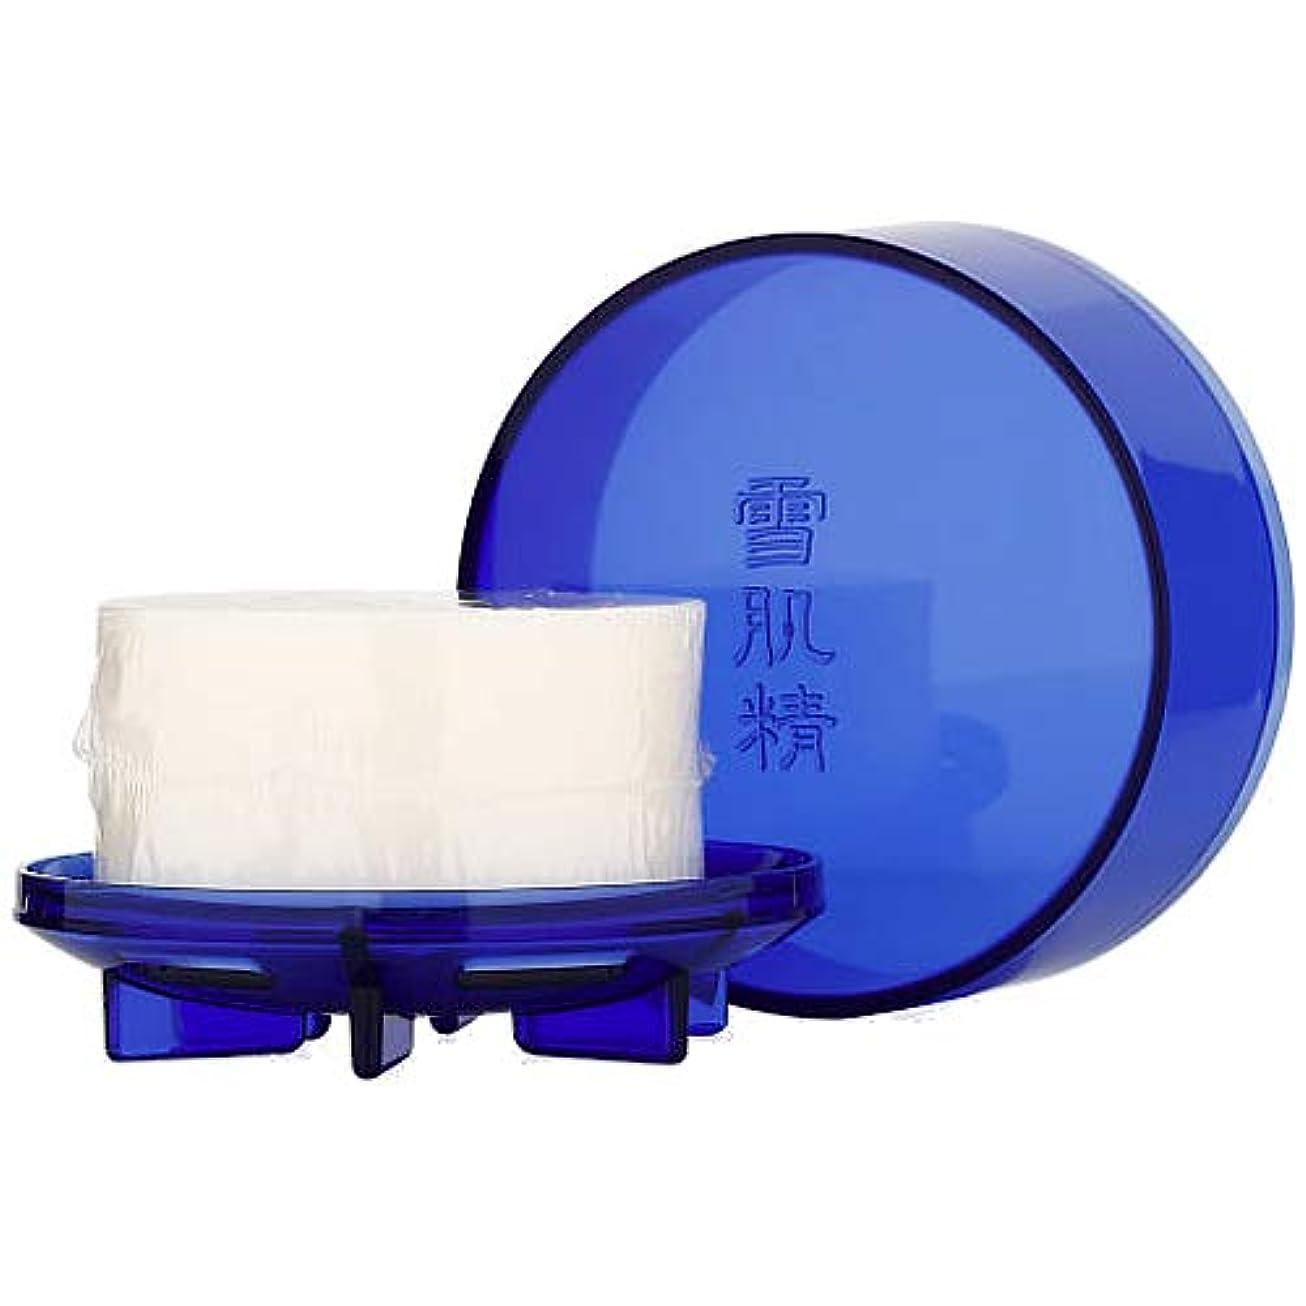 ペイント口述するラグコーセー KOSE 雪肌精 化粧水仕立て (ケース付) 100g [並行輸入品]